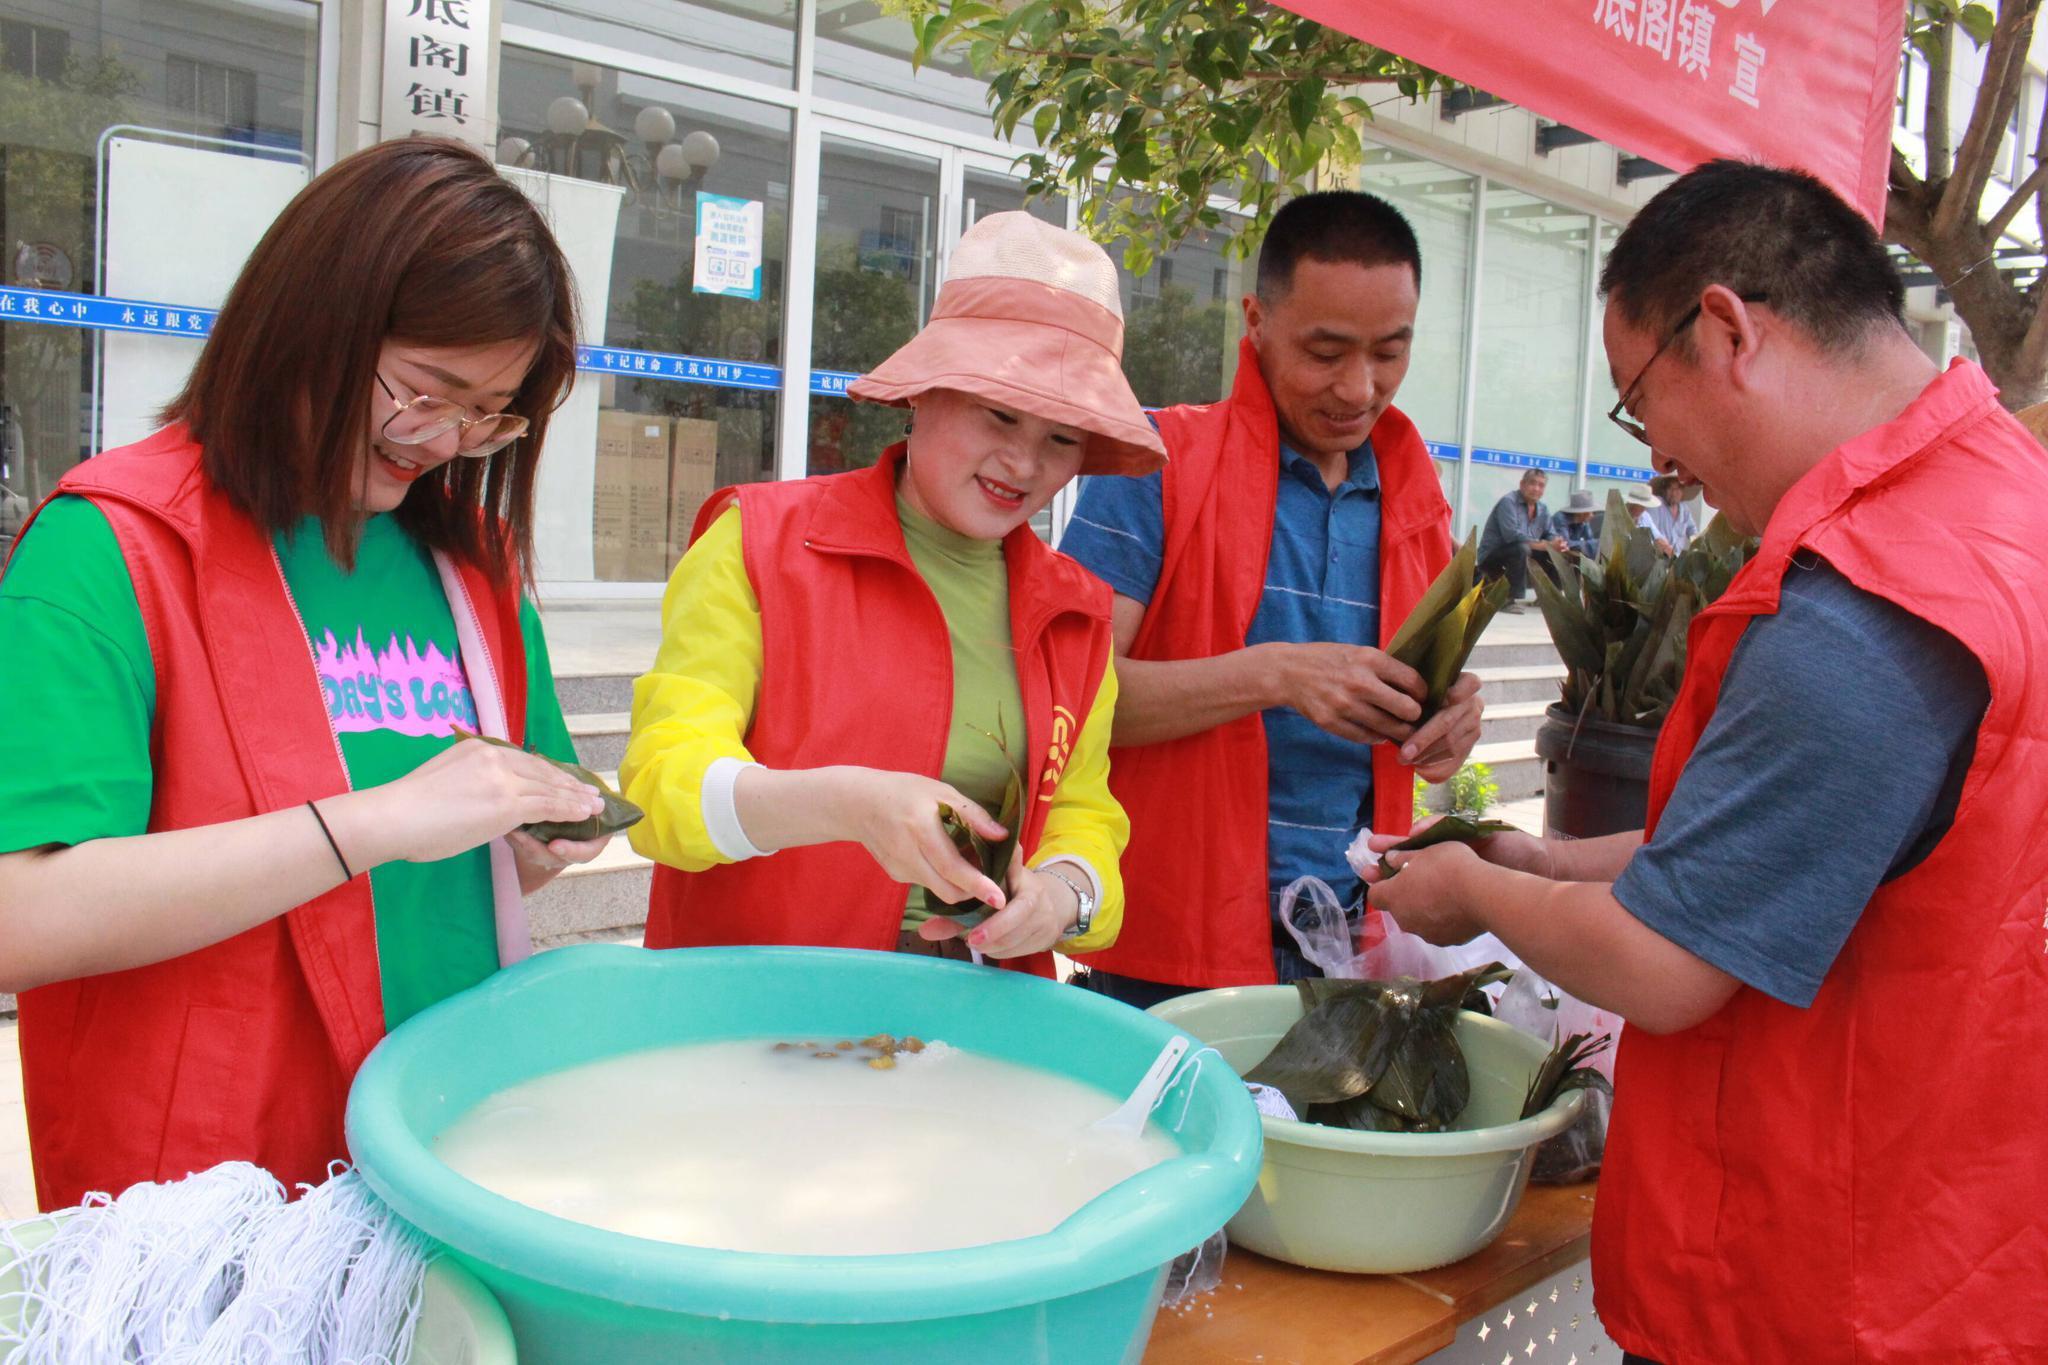 枣庄峄城区底阁镇举办端午节系列主题活动